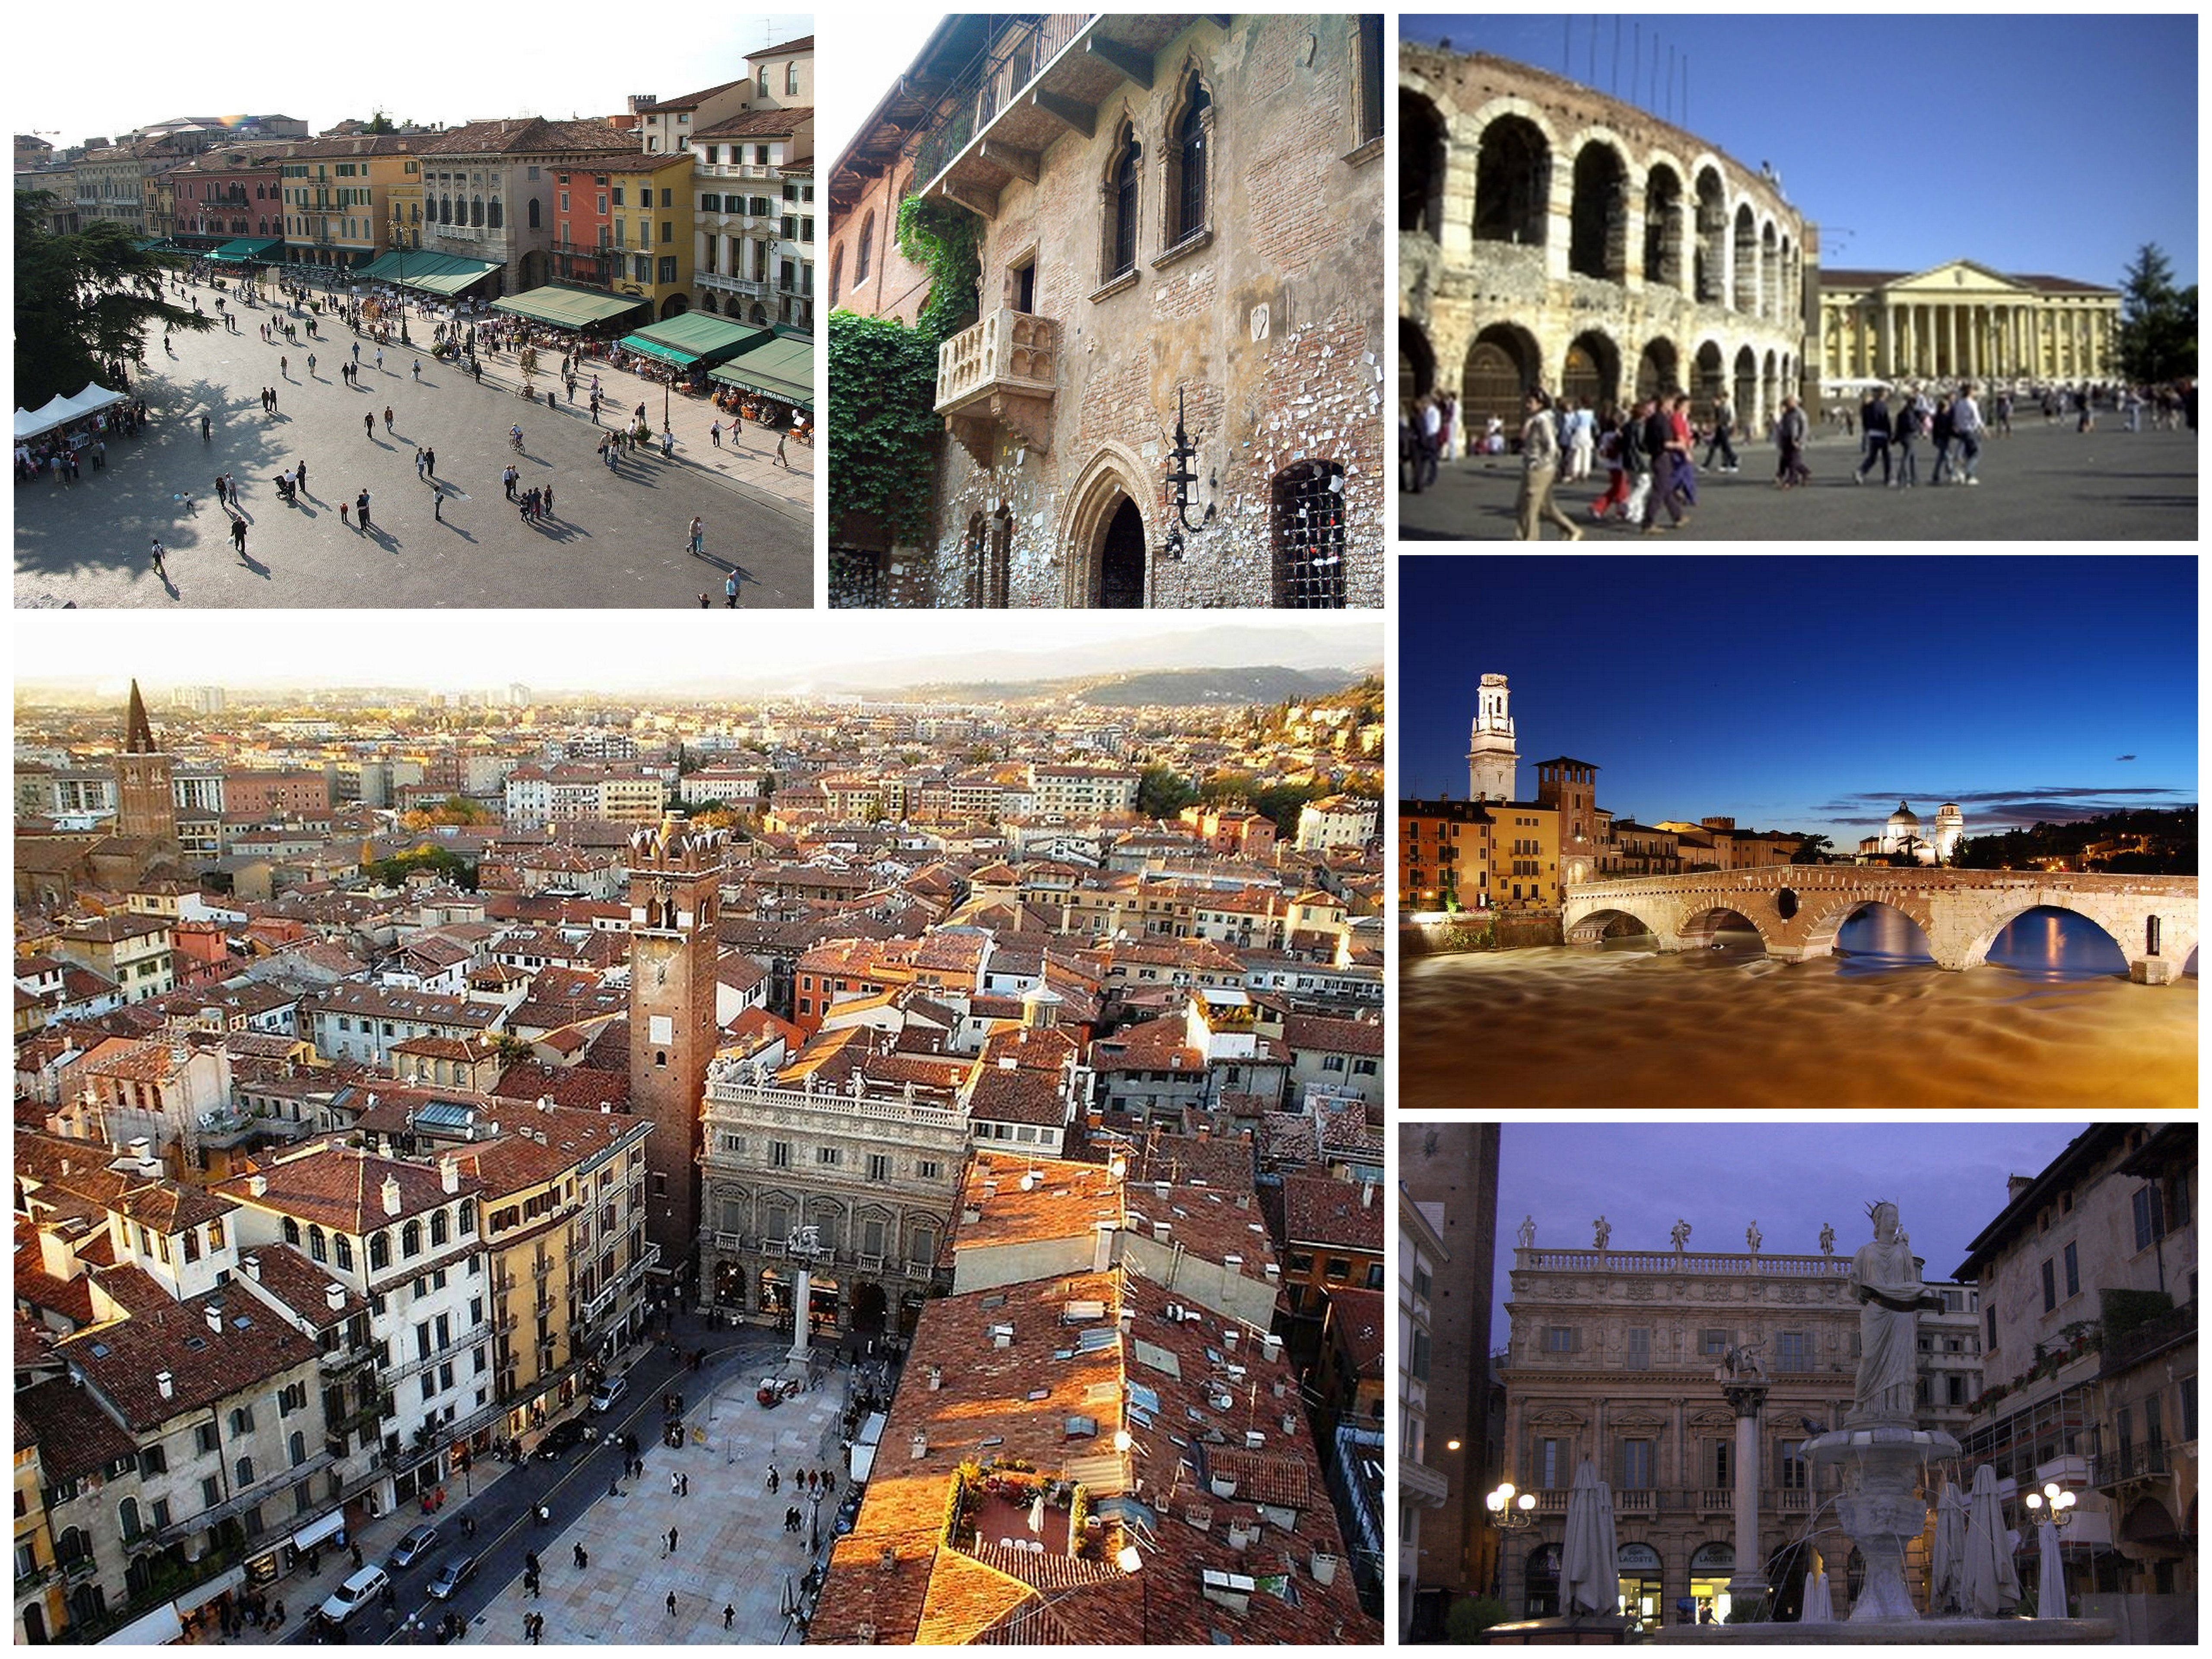 Verona - Wikipedia, the free encyclopediaverona city